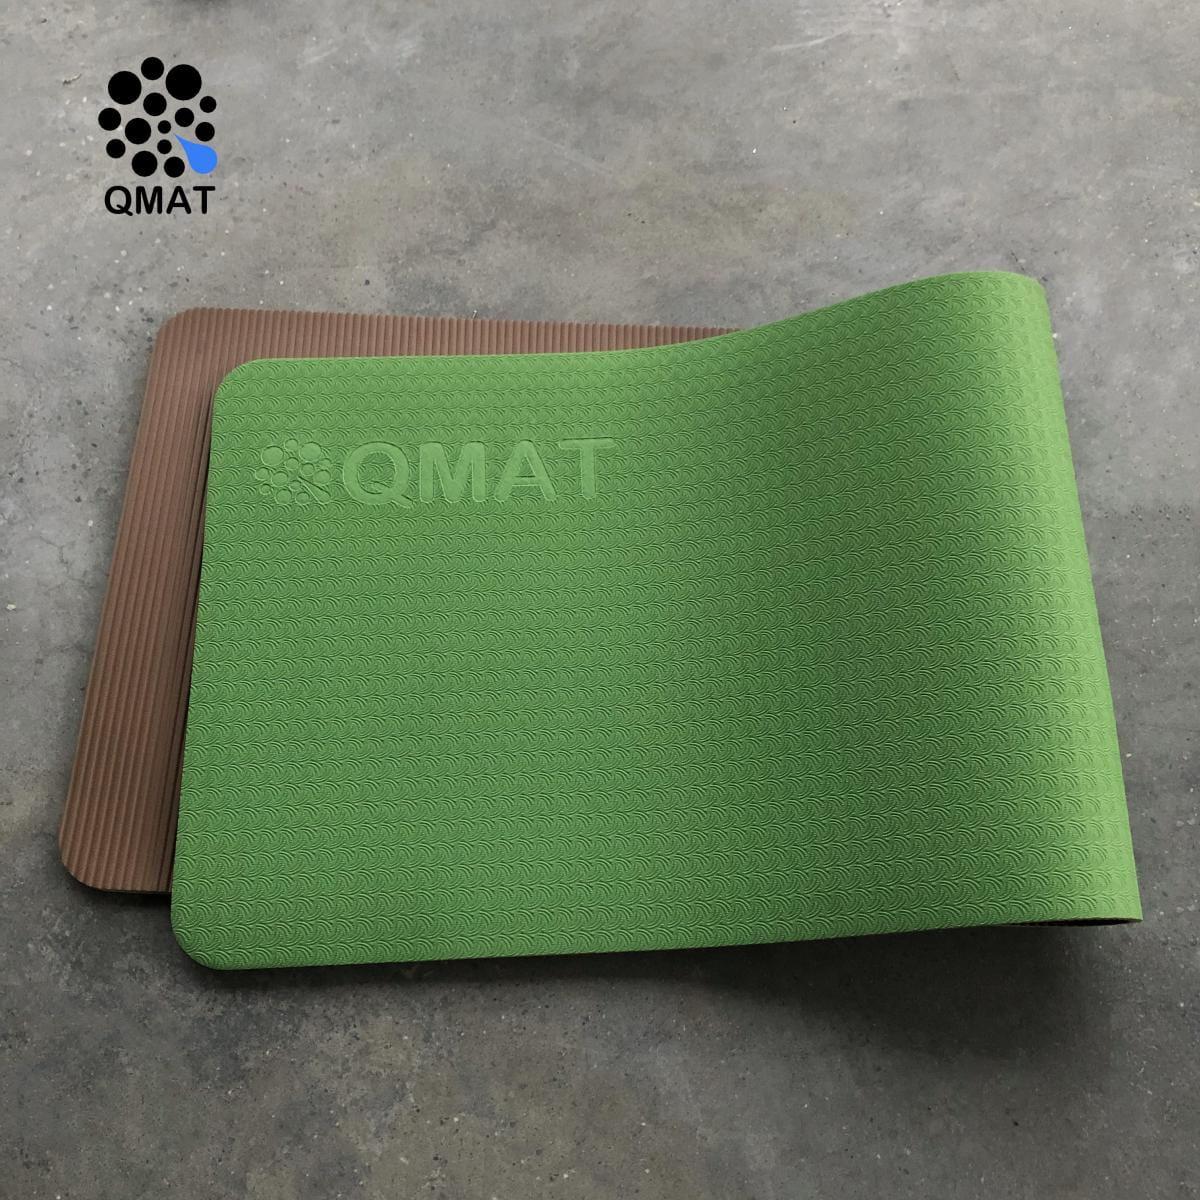 【QMAT】 10mm 雙色運動墊(共六色) 19